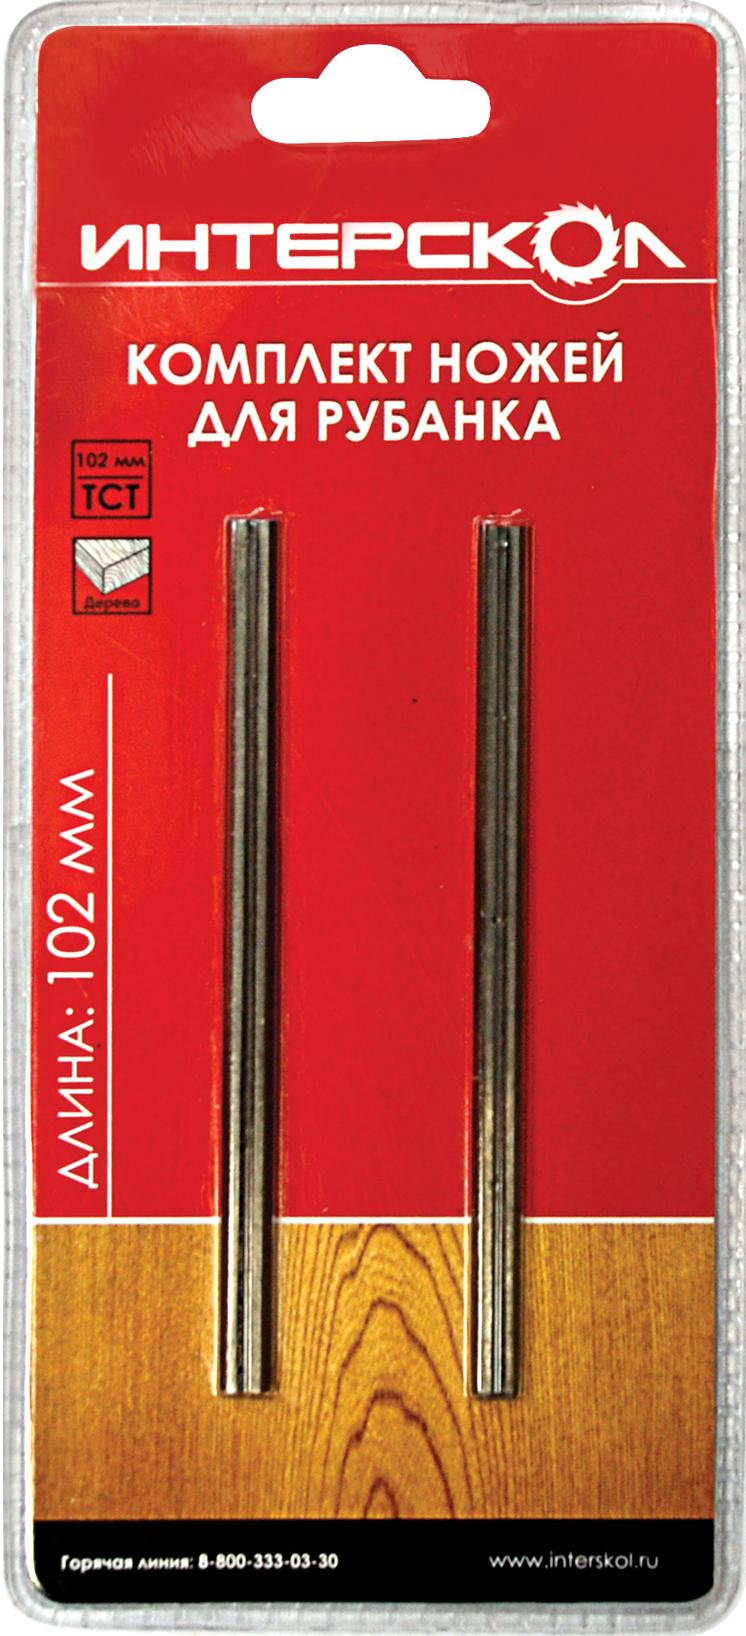 Ножи для рубанка ИНТЕРСКОЛ 2091910200120 ножи для рубанка skil 2610z03929